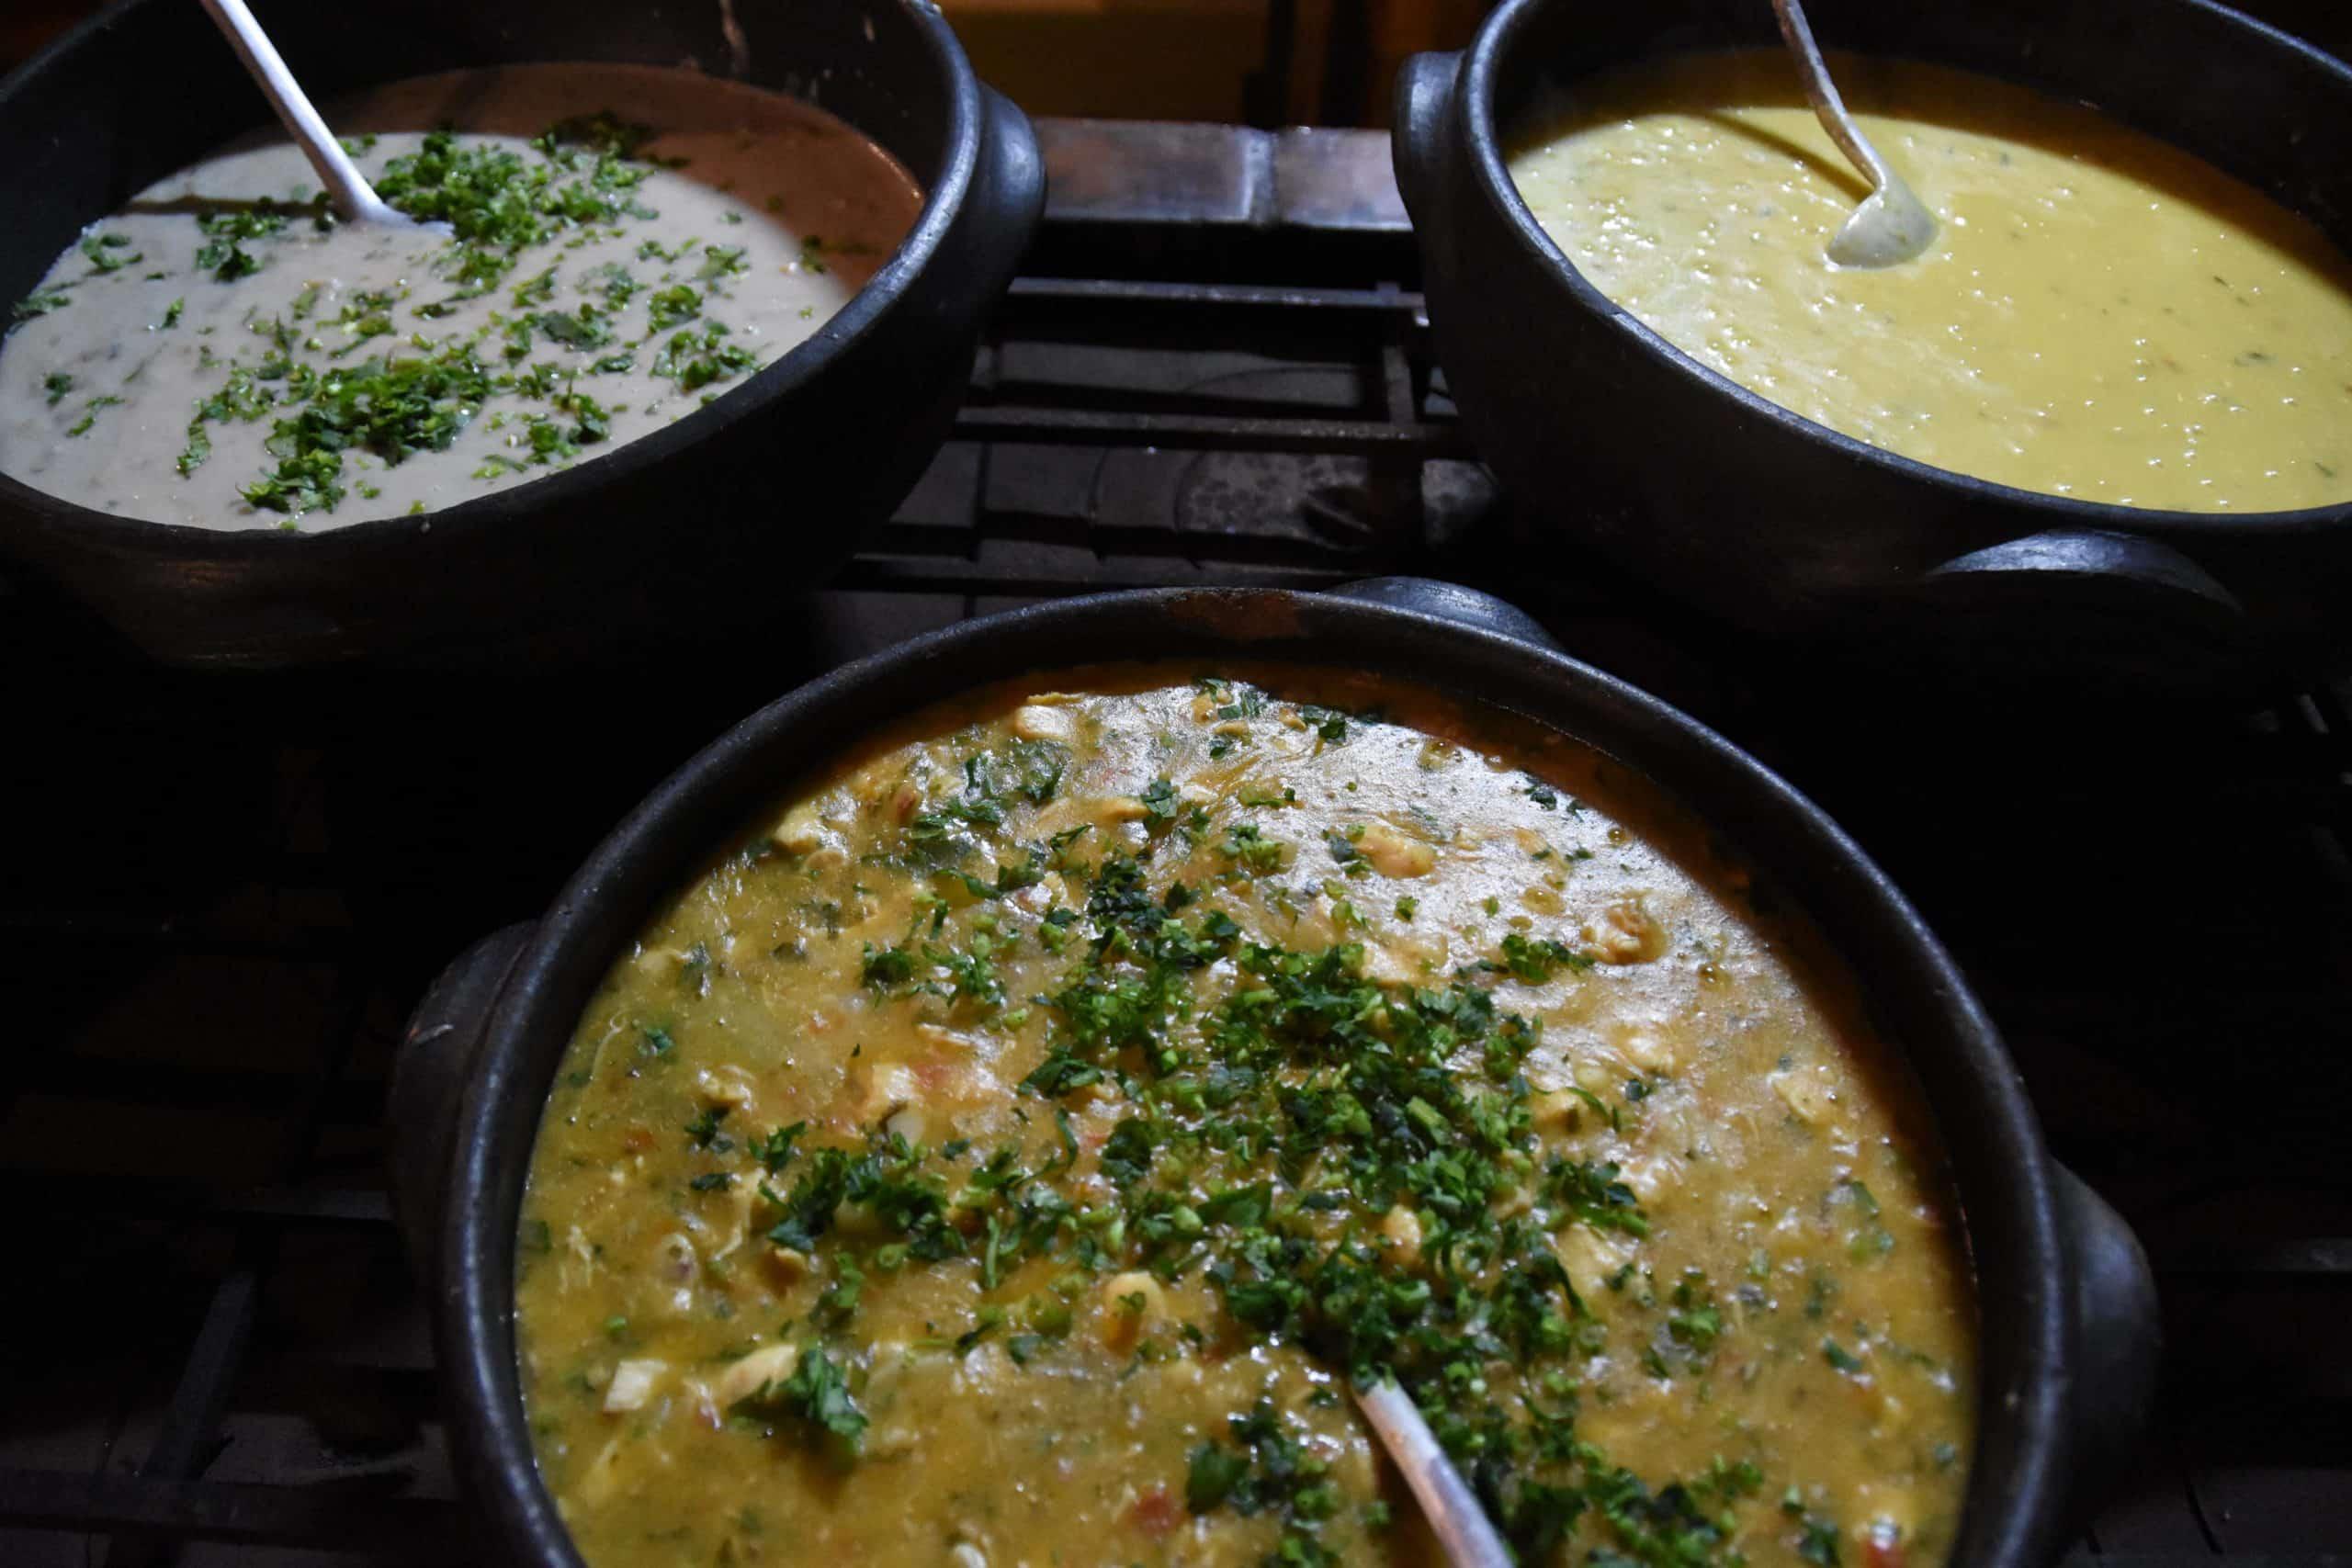 São várias opções deliciosas no cardápio. Foto: Acom/Anchieta